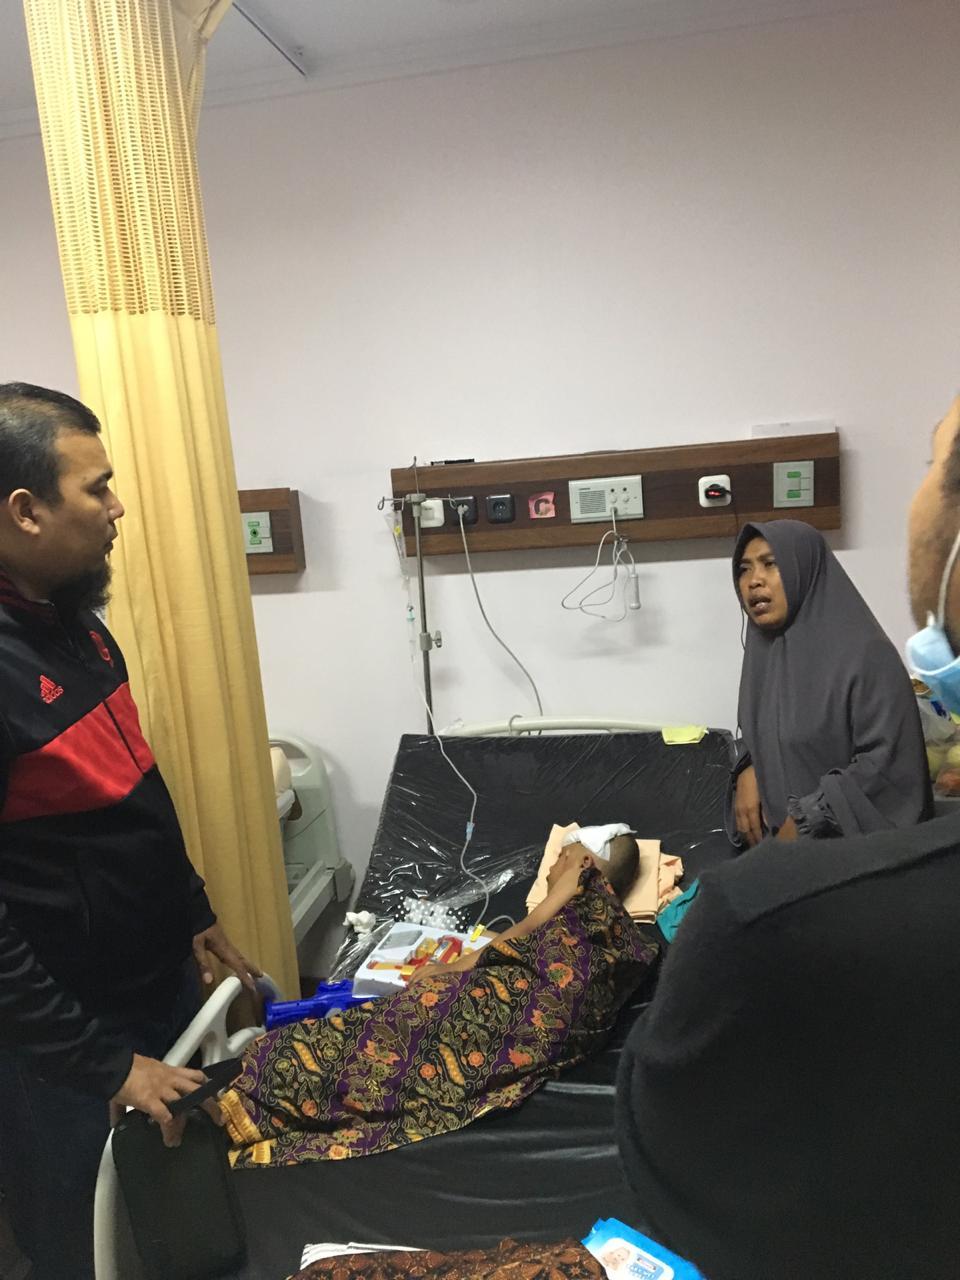 Ade Agus Hartanto Jenguk Dani Anak Yatim Malang yang Retak Kepala Akibat Kecelakaan